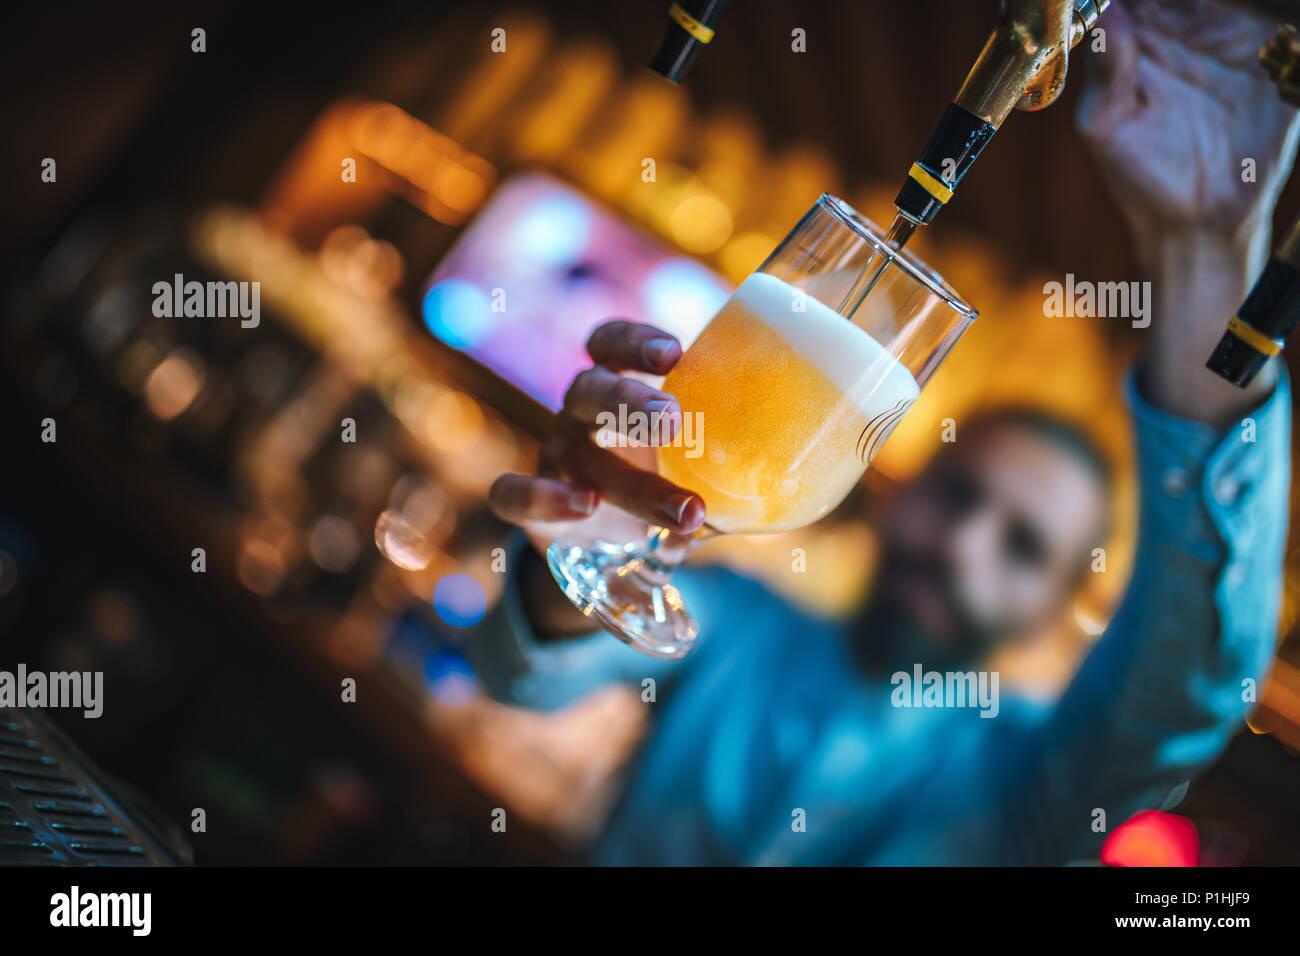 Barman o birraio di riempimento in vetro con la birra. Barman è versando birra chiara a bicchiere da birra rubinetti. Bar o night club interno. Immagini Stock